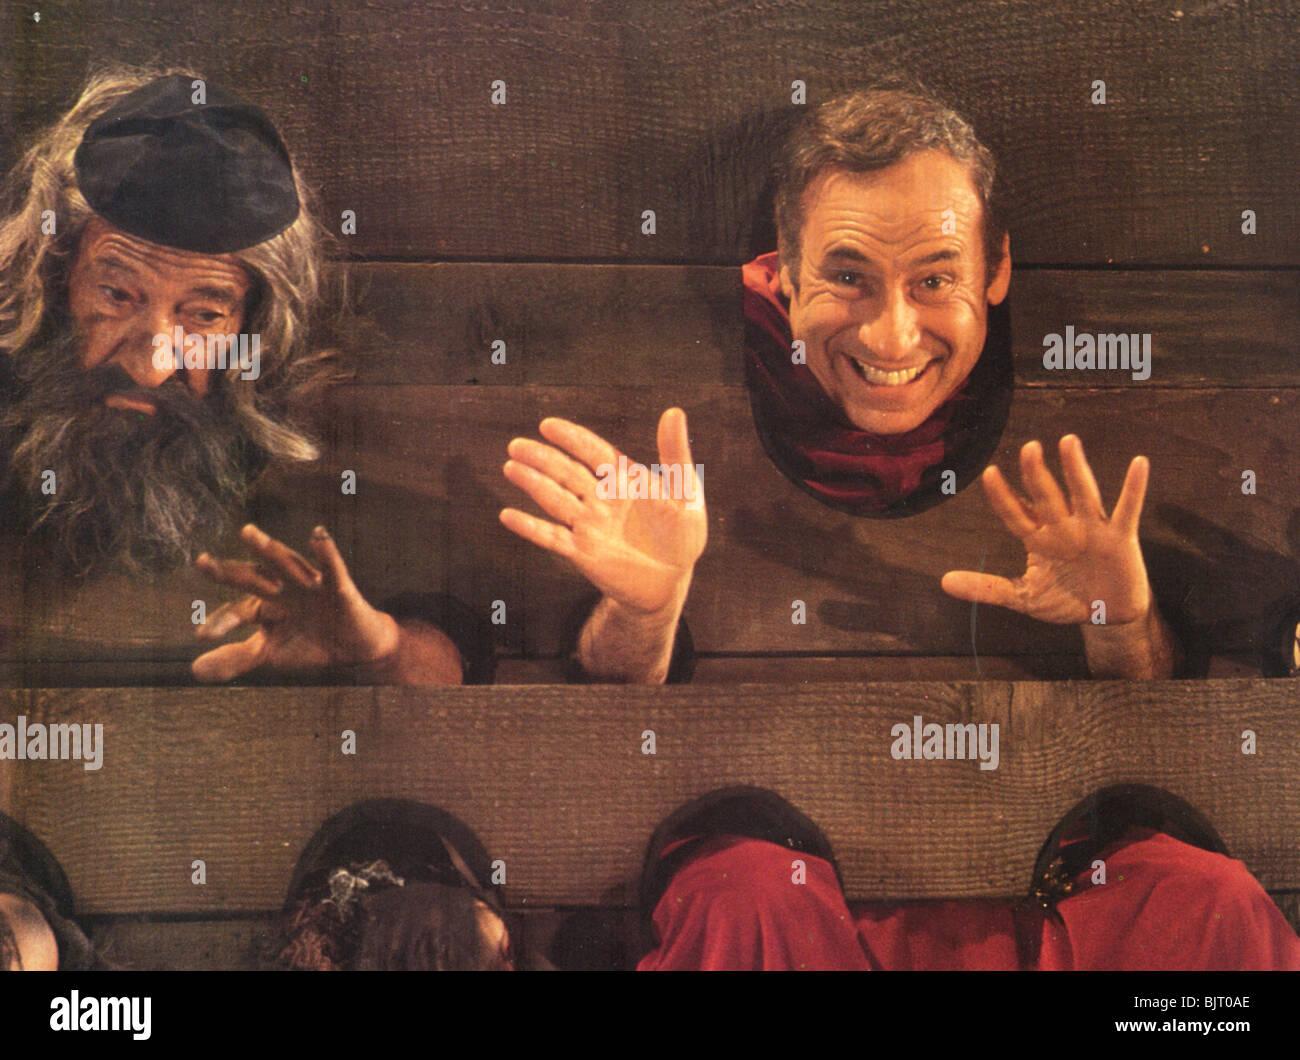 Geschichte der Welt Teil 1 - 1981 Brooksfilms Film mit Mel Brooks auf der rechten Seite Stockbild